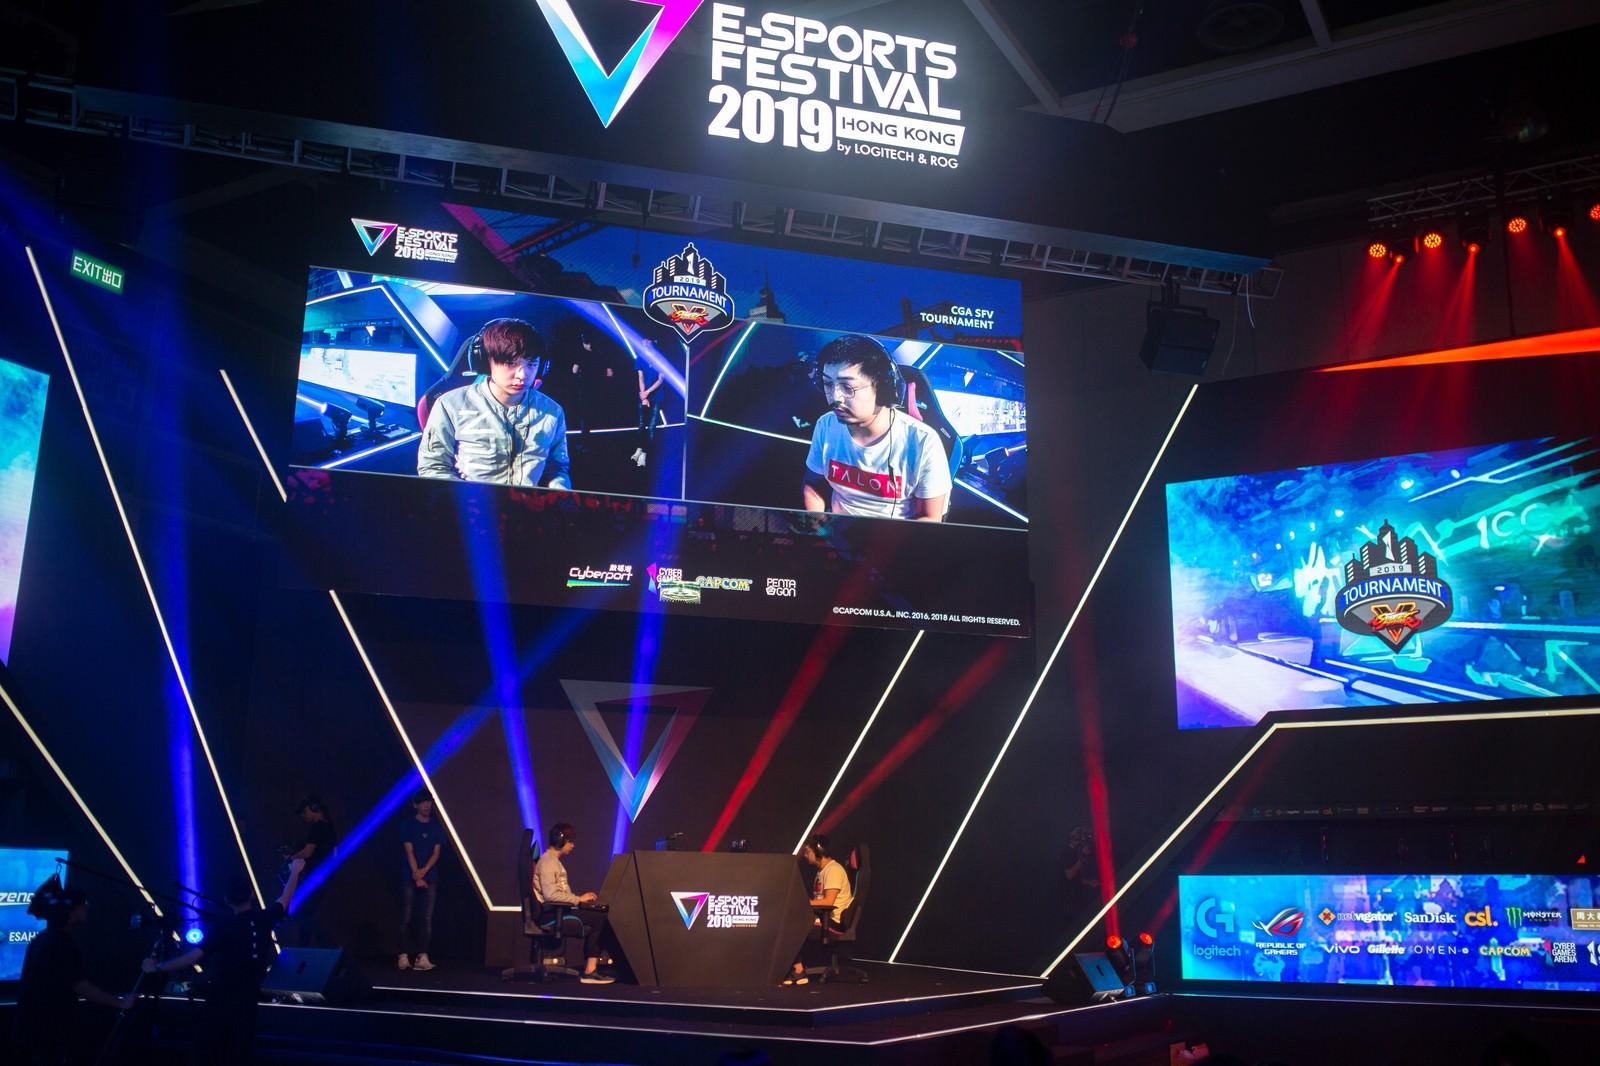 「スクリーンに映る自身の姿、試合に挑む選手達 - E-Sports Festival Hong Kong 2019」の写真